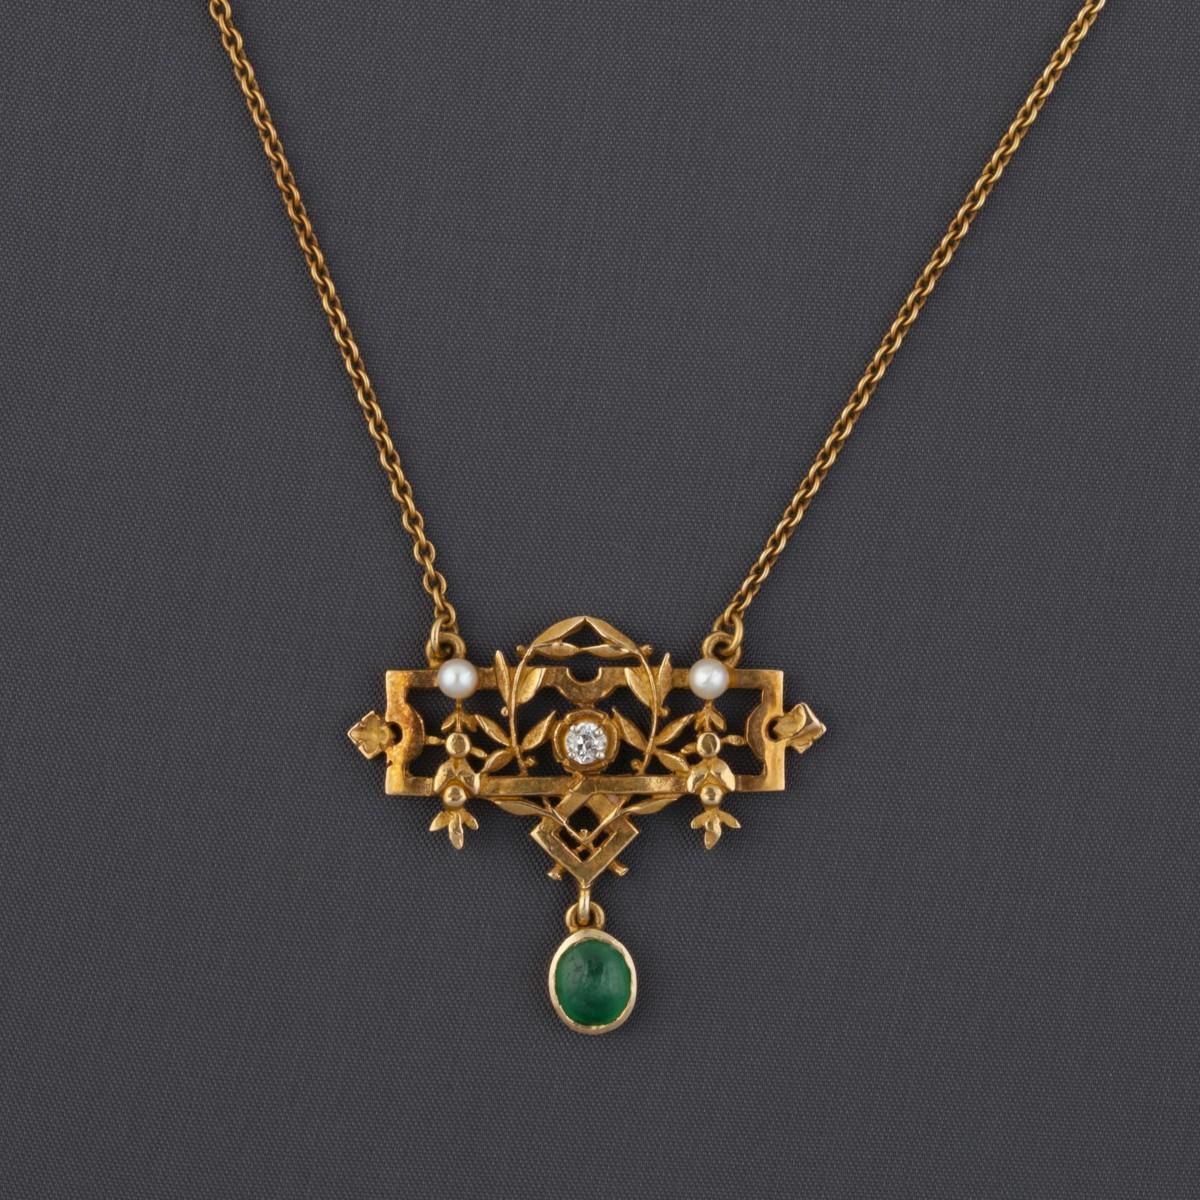 collier-motif-floral-et-pierres